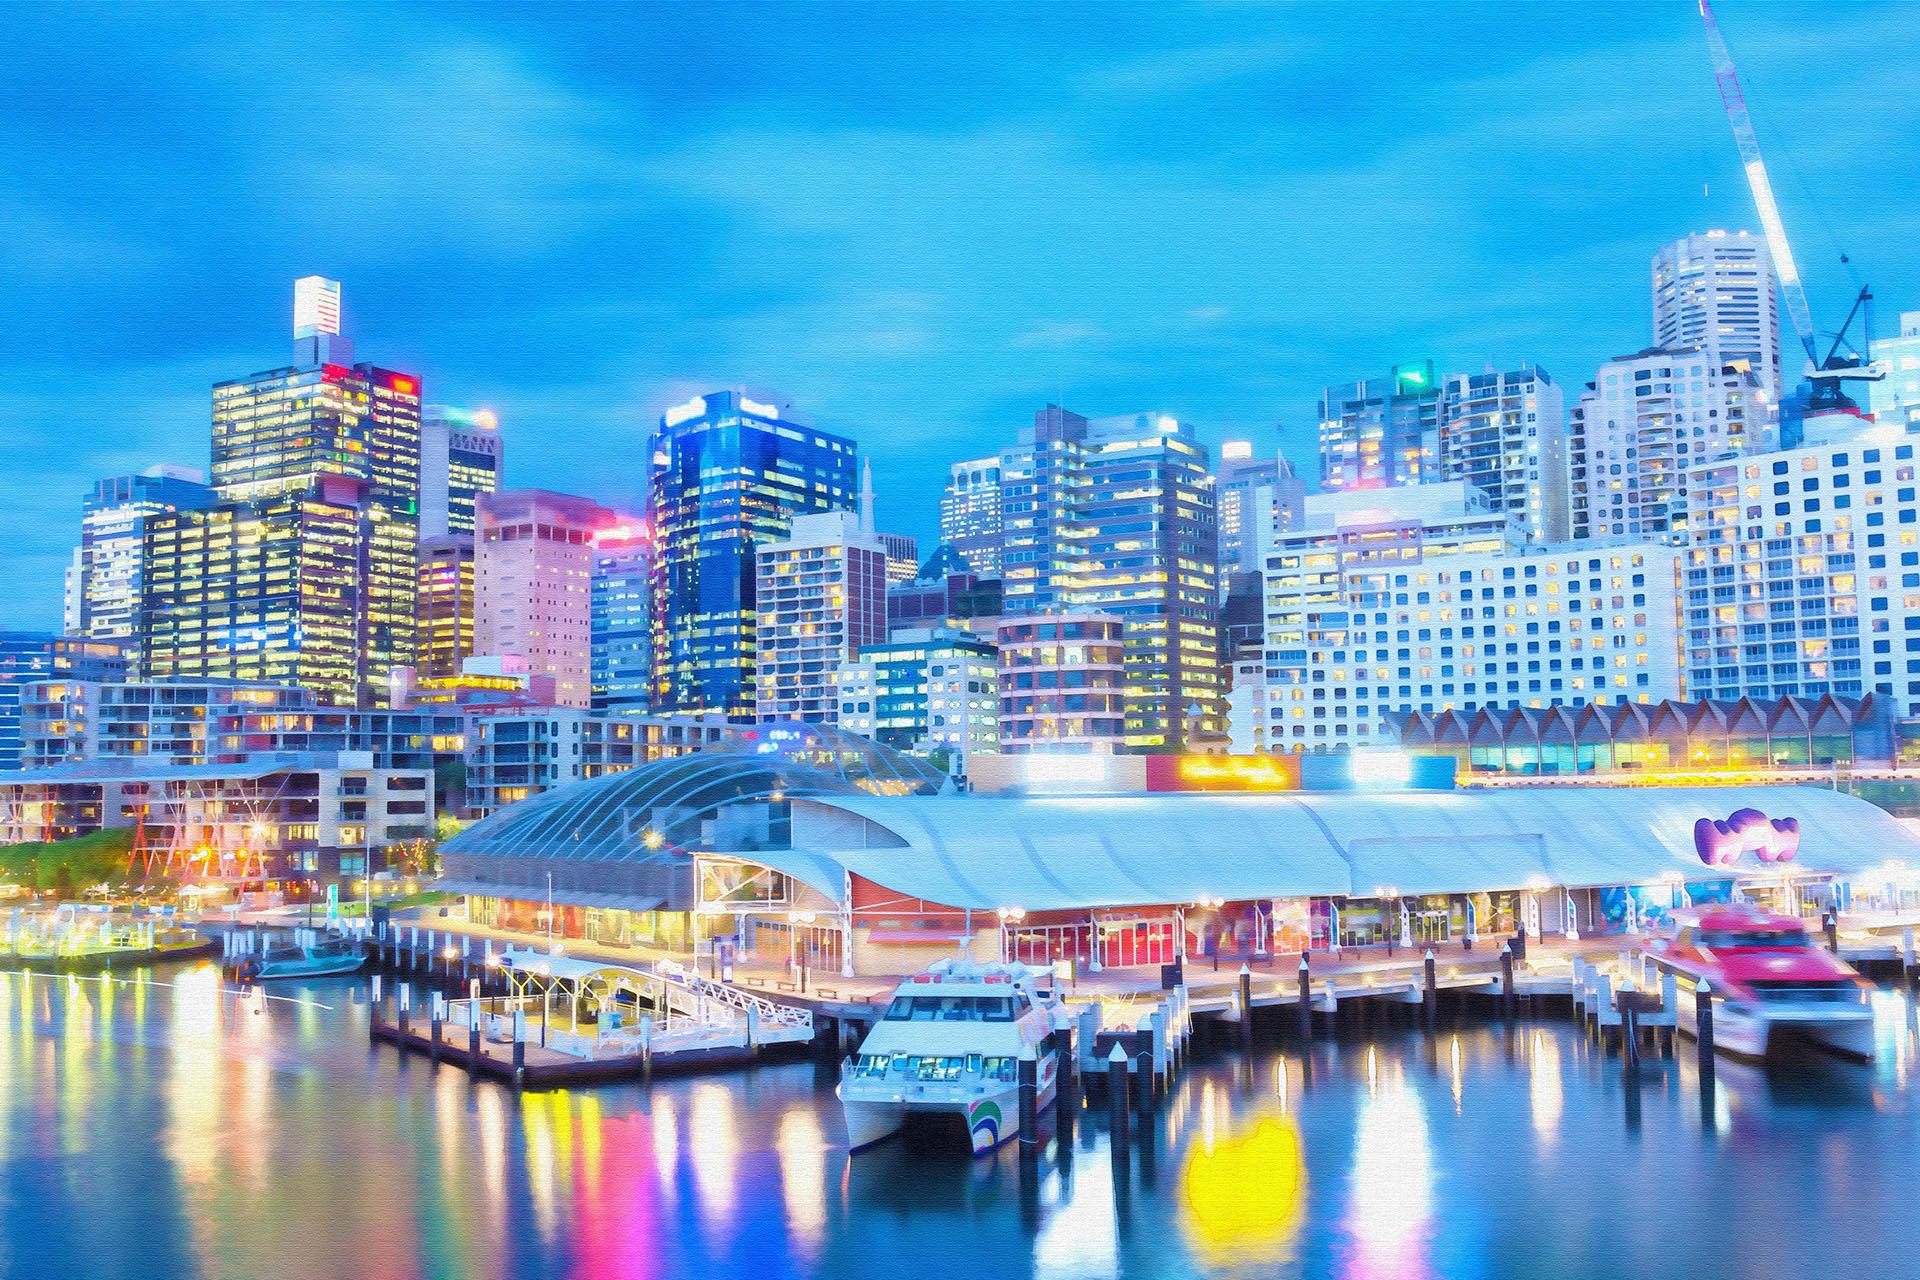 Lo cierto es que la ciudad australiana es un paraíso moderno y de vanguardia donde la vida marítima, la cocina de primer nivel y la cultura confluyen para crear un rincón del planeta digno de un viaje inolvidable